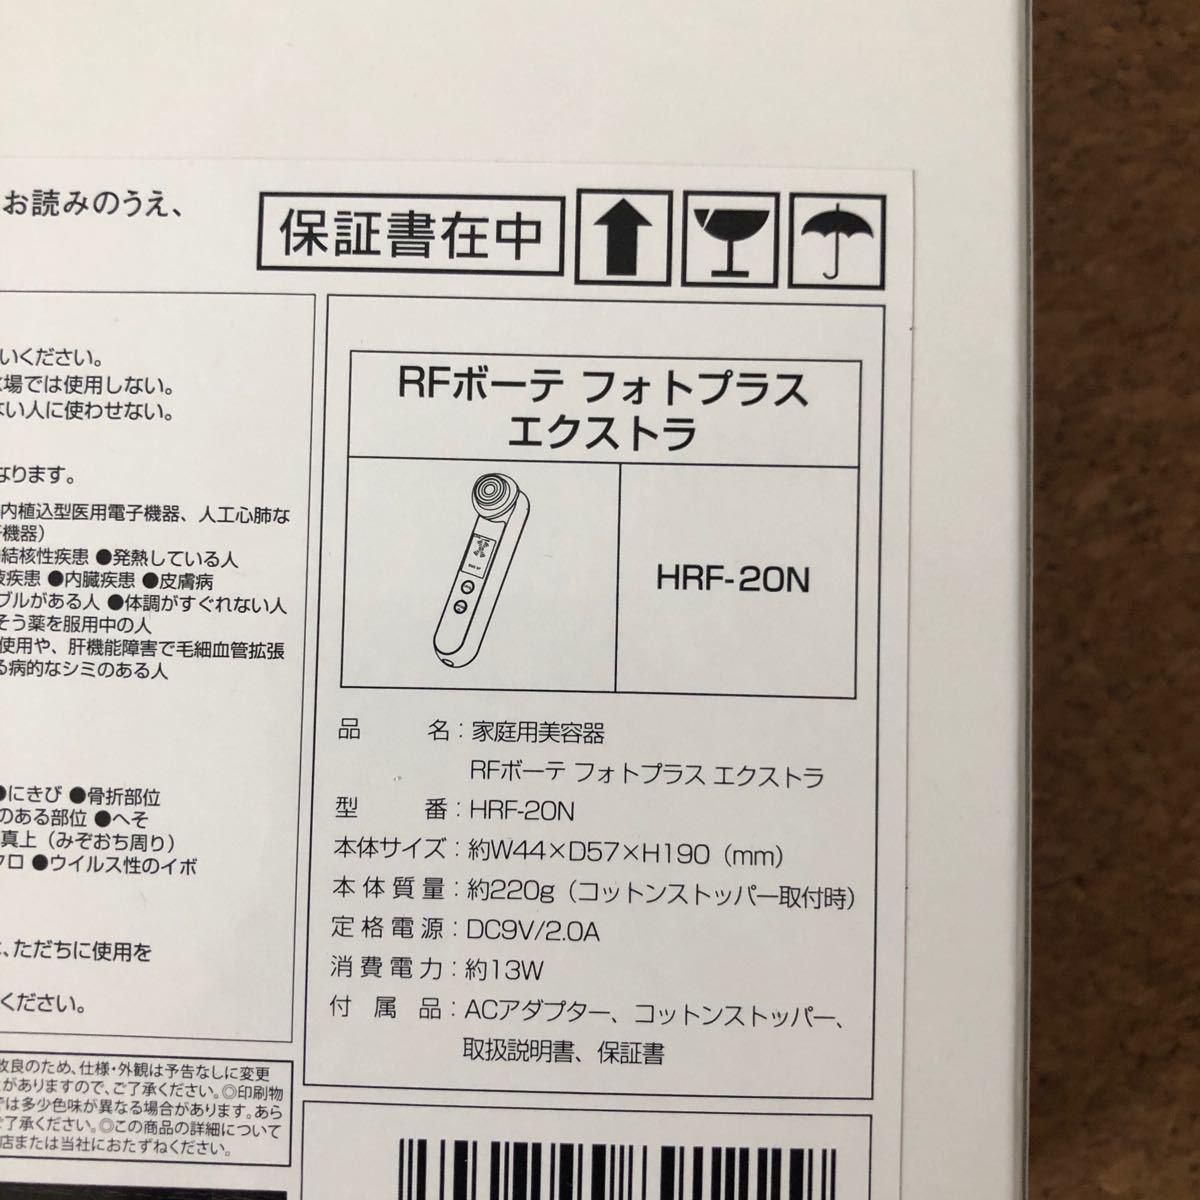 ヤーマン 美顔器 RFボーテ フォトプラスEX HRF20N 新品未使用 送料無料